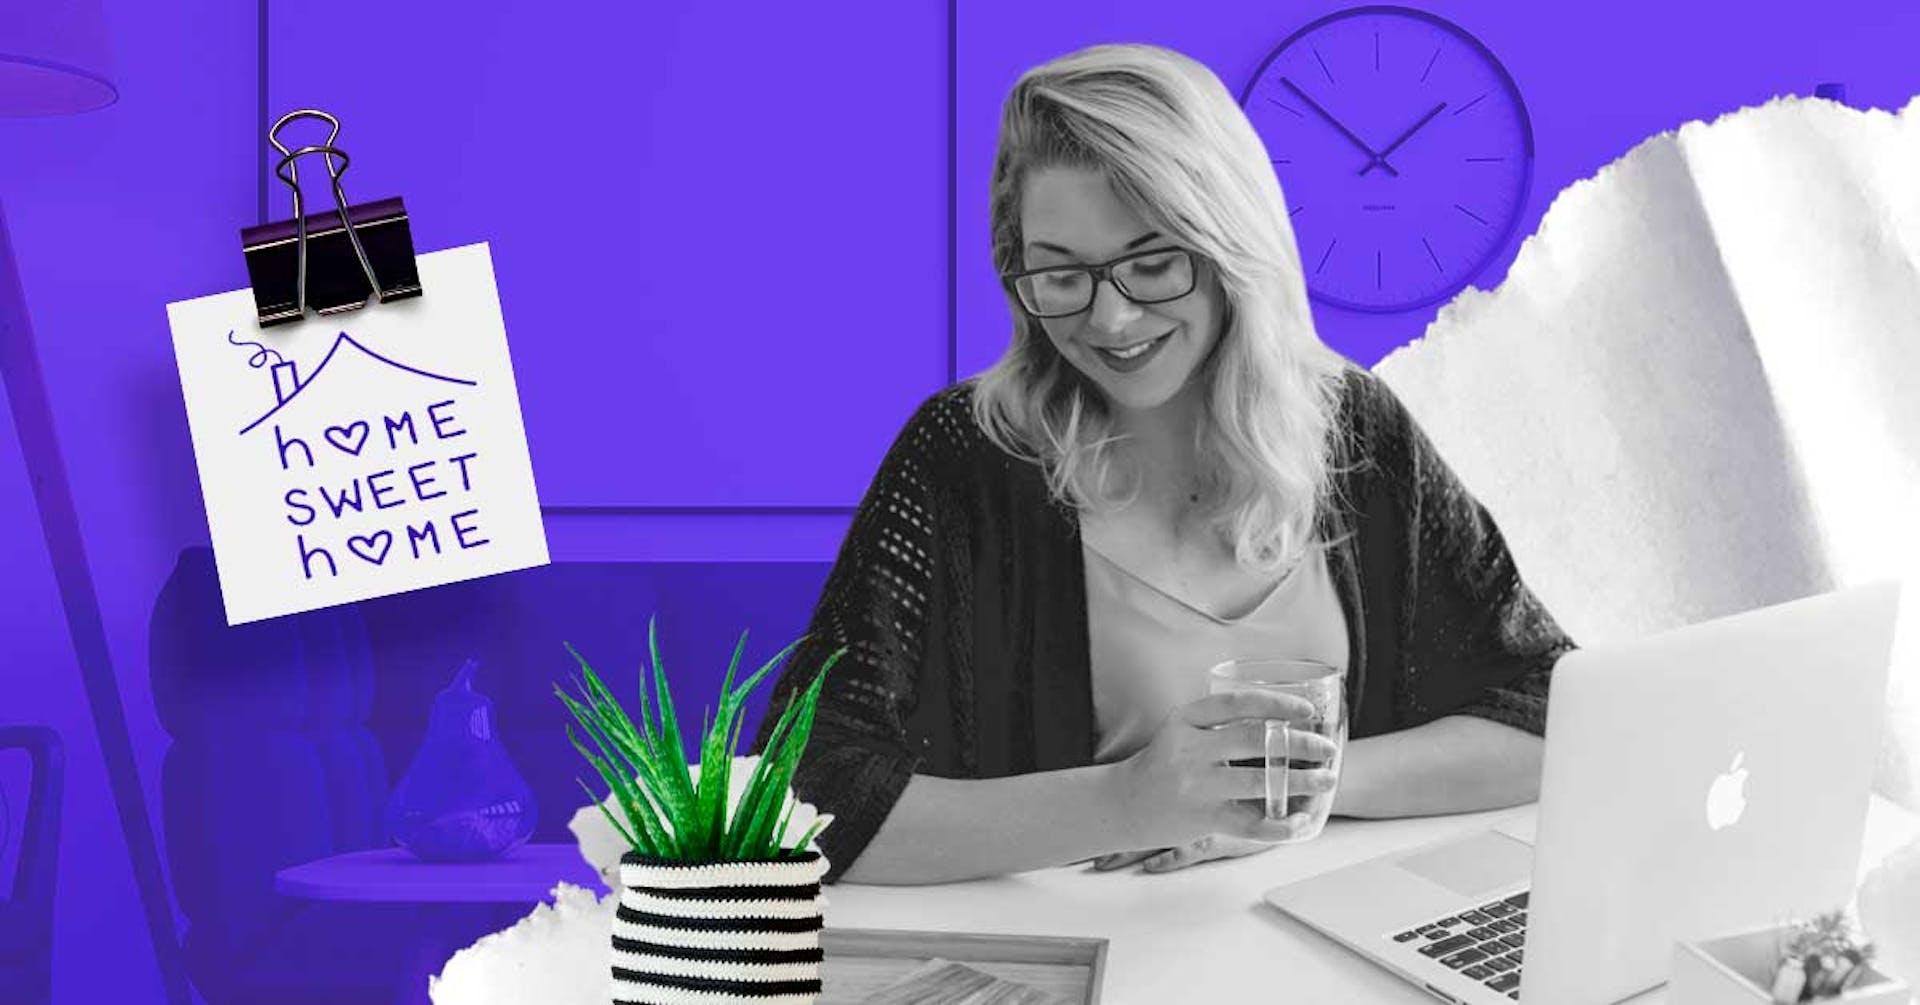 ¡Olvídate del horario de oficina! 19 profesiones para trabajar desde casa en 2021